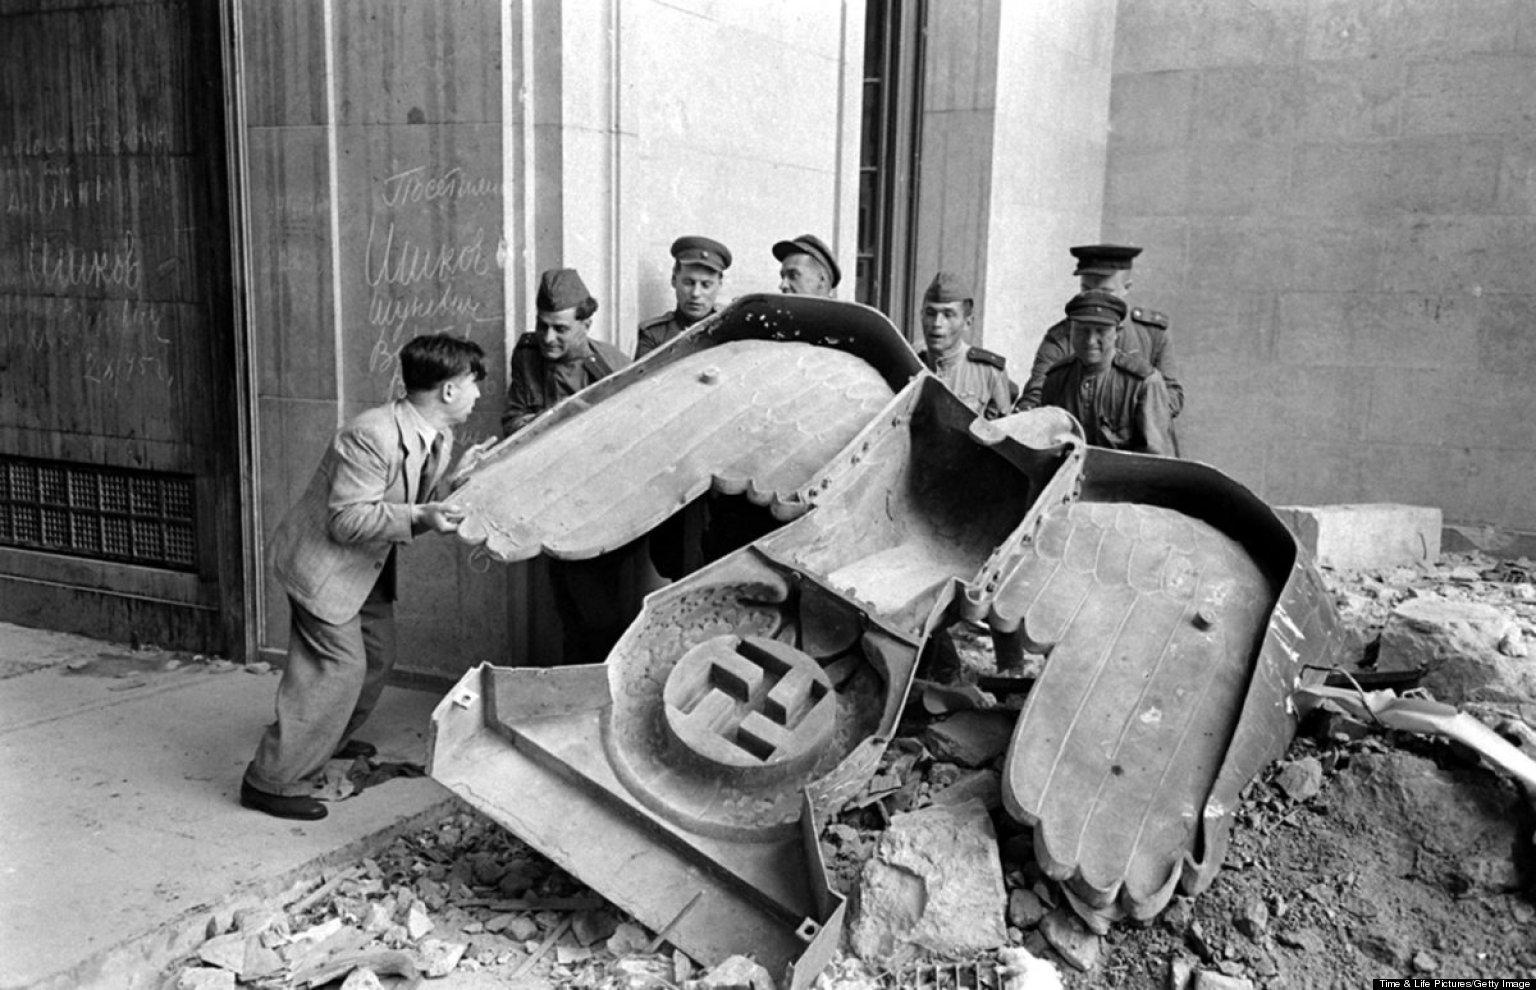 Soldados rusos desmontan un símbolo nazi en Berlín.